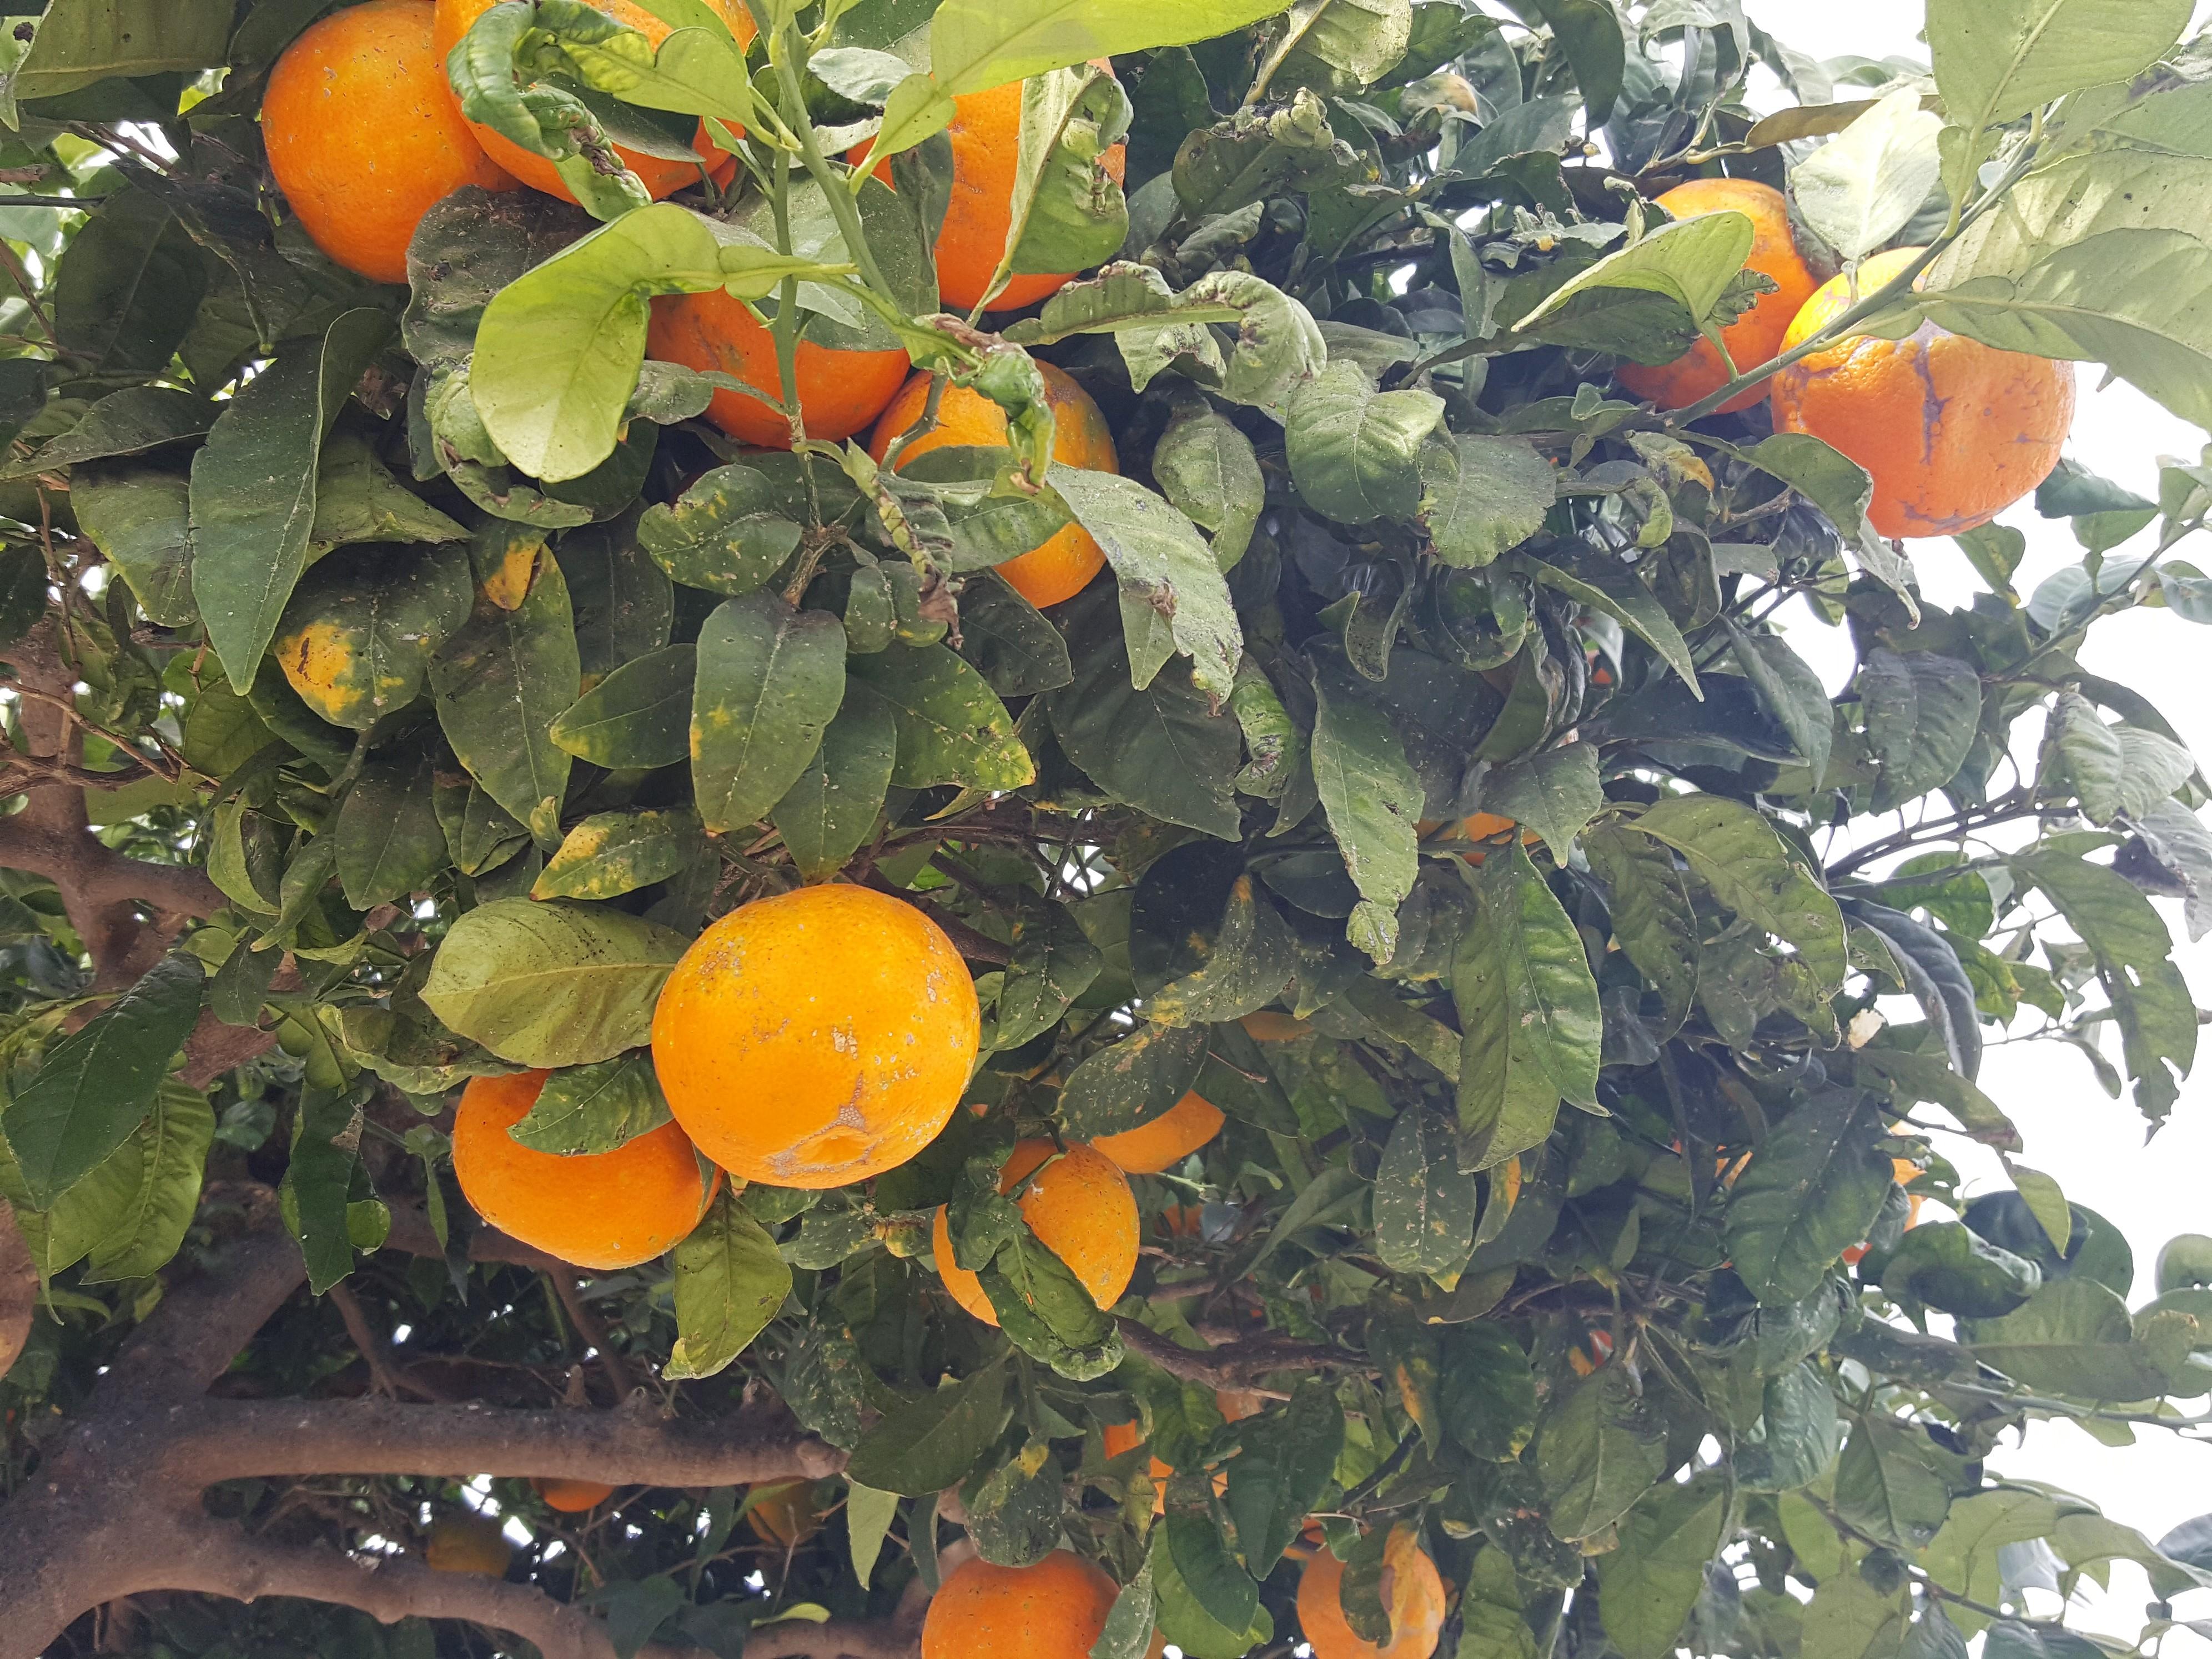 Hiszpańskie Pomarańcze w grudniu - Alicante